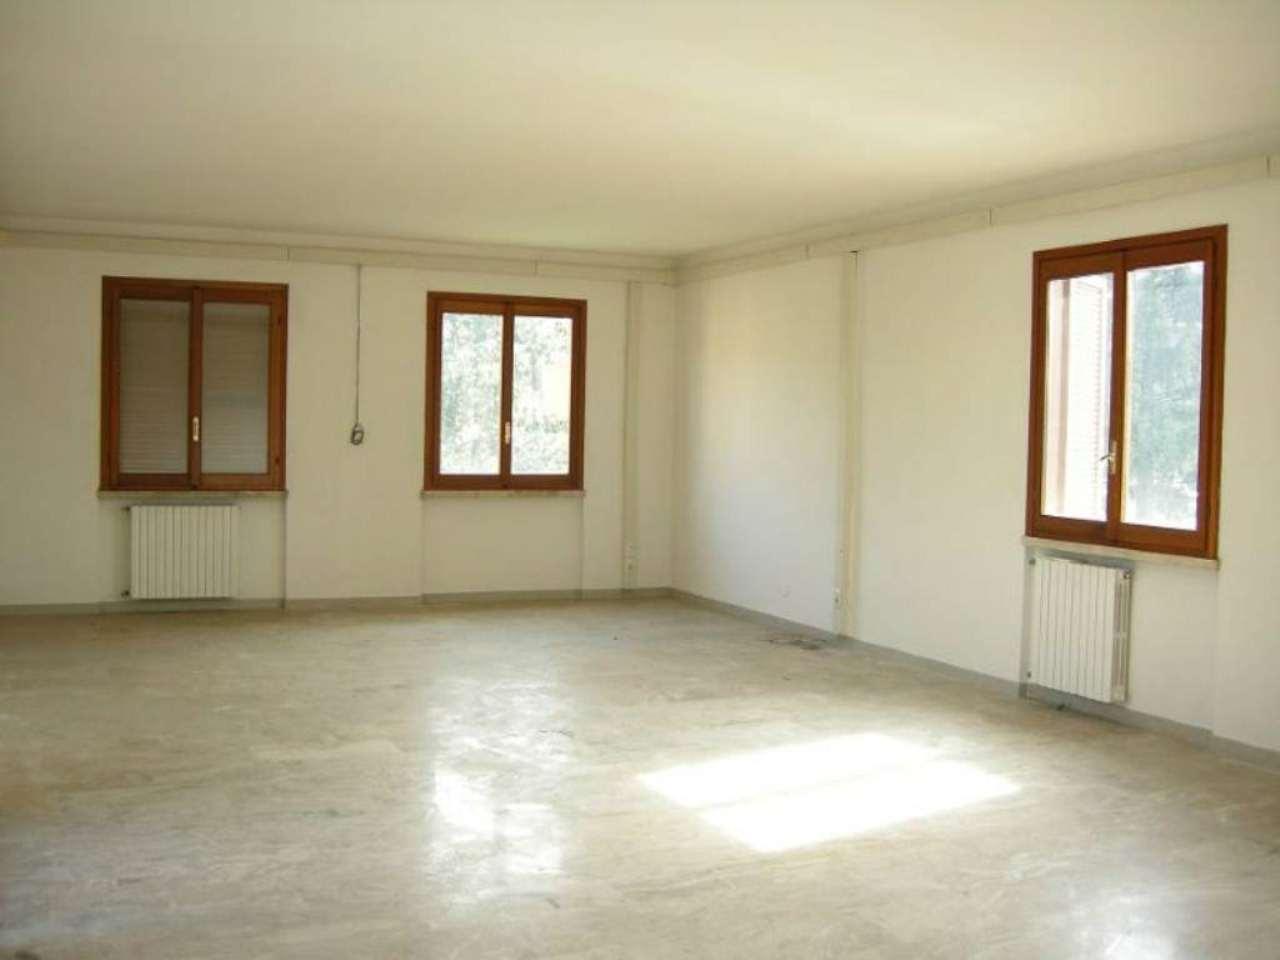 Ufficio / Studio in affitto a Cernusco sul Naviglio, 9999 locali, prezzo € 1.000 | CambioCasa.it